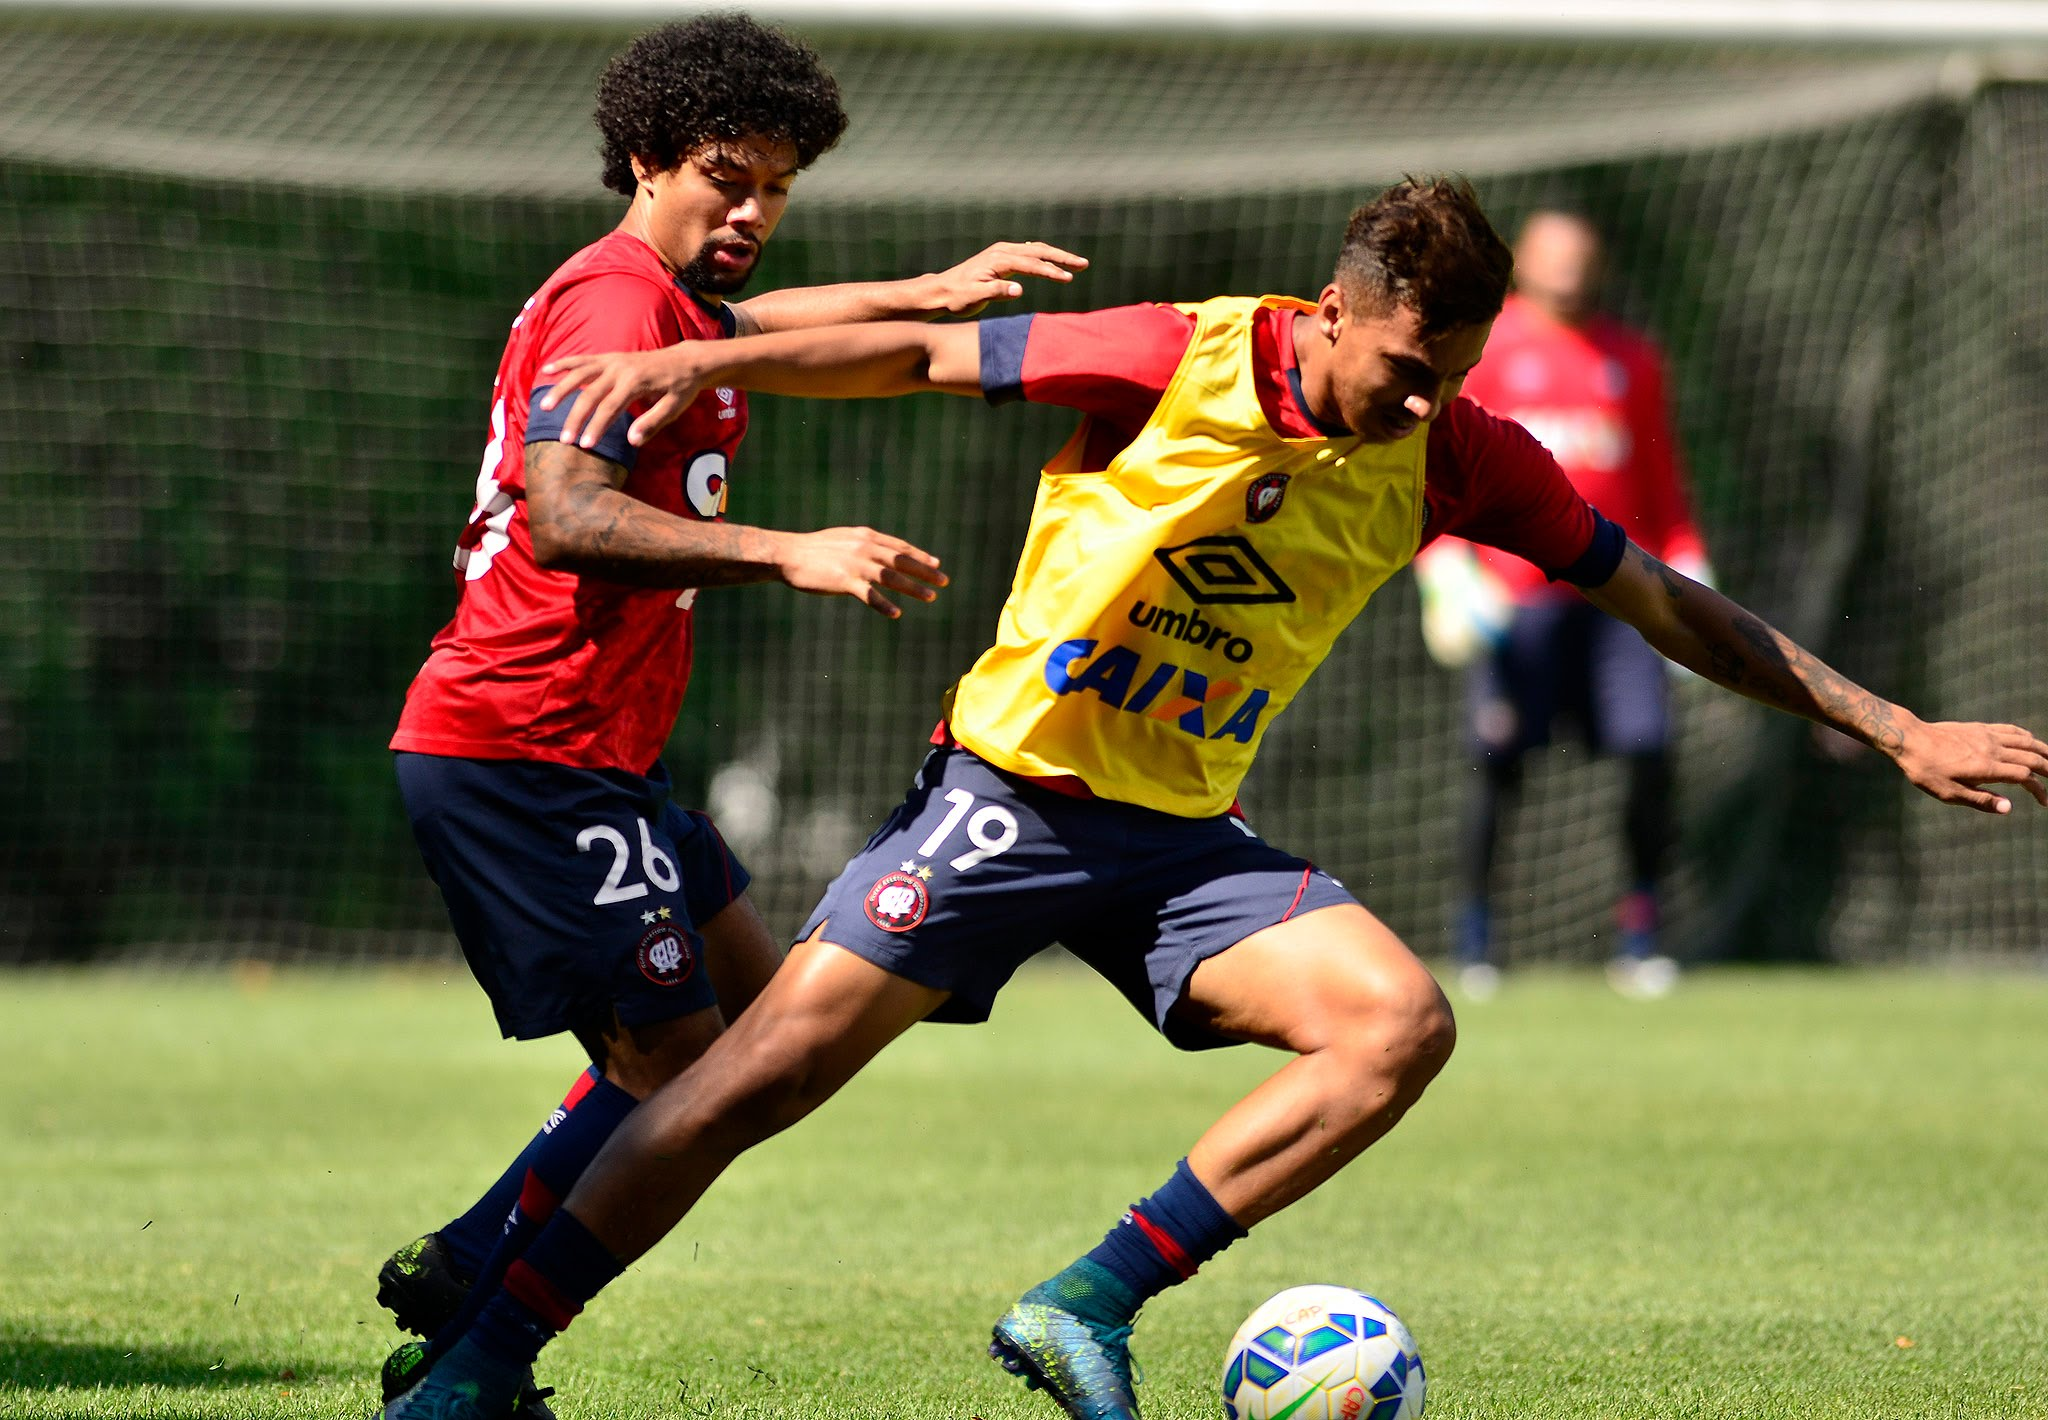 Pré-jogo: Chapecoense x Atlético Paranaense - Notícias ...